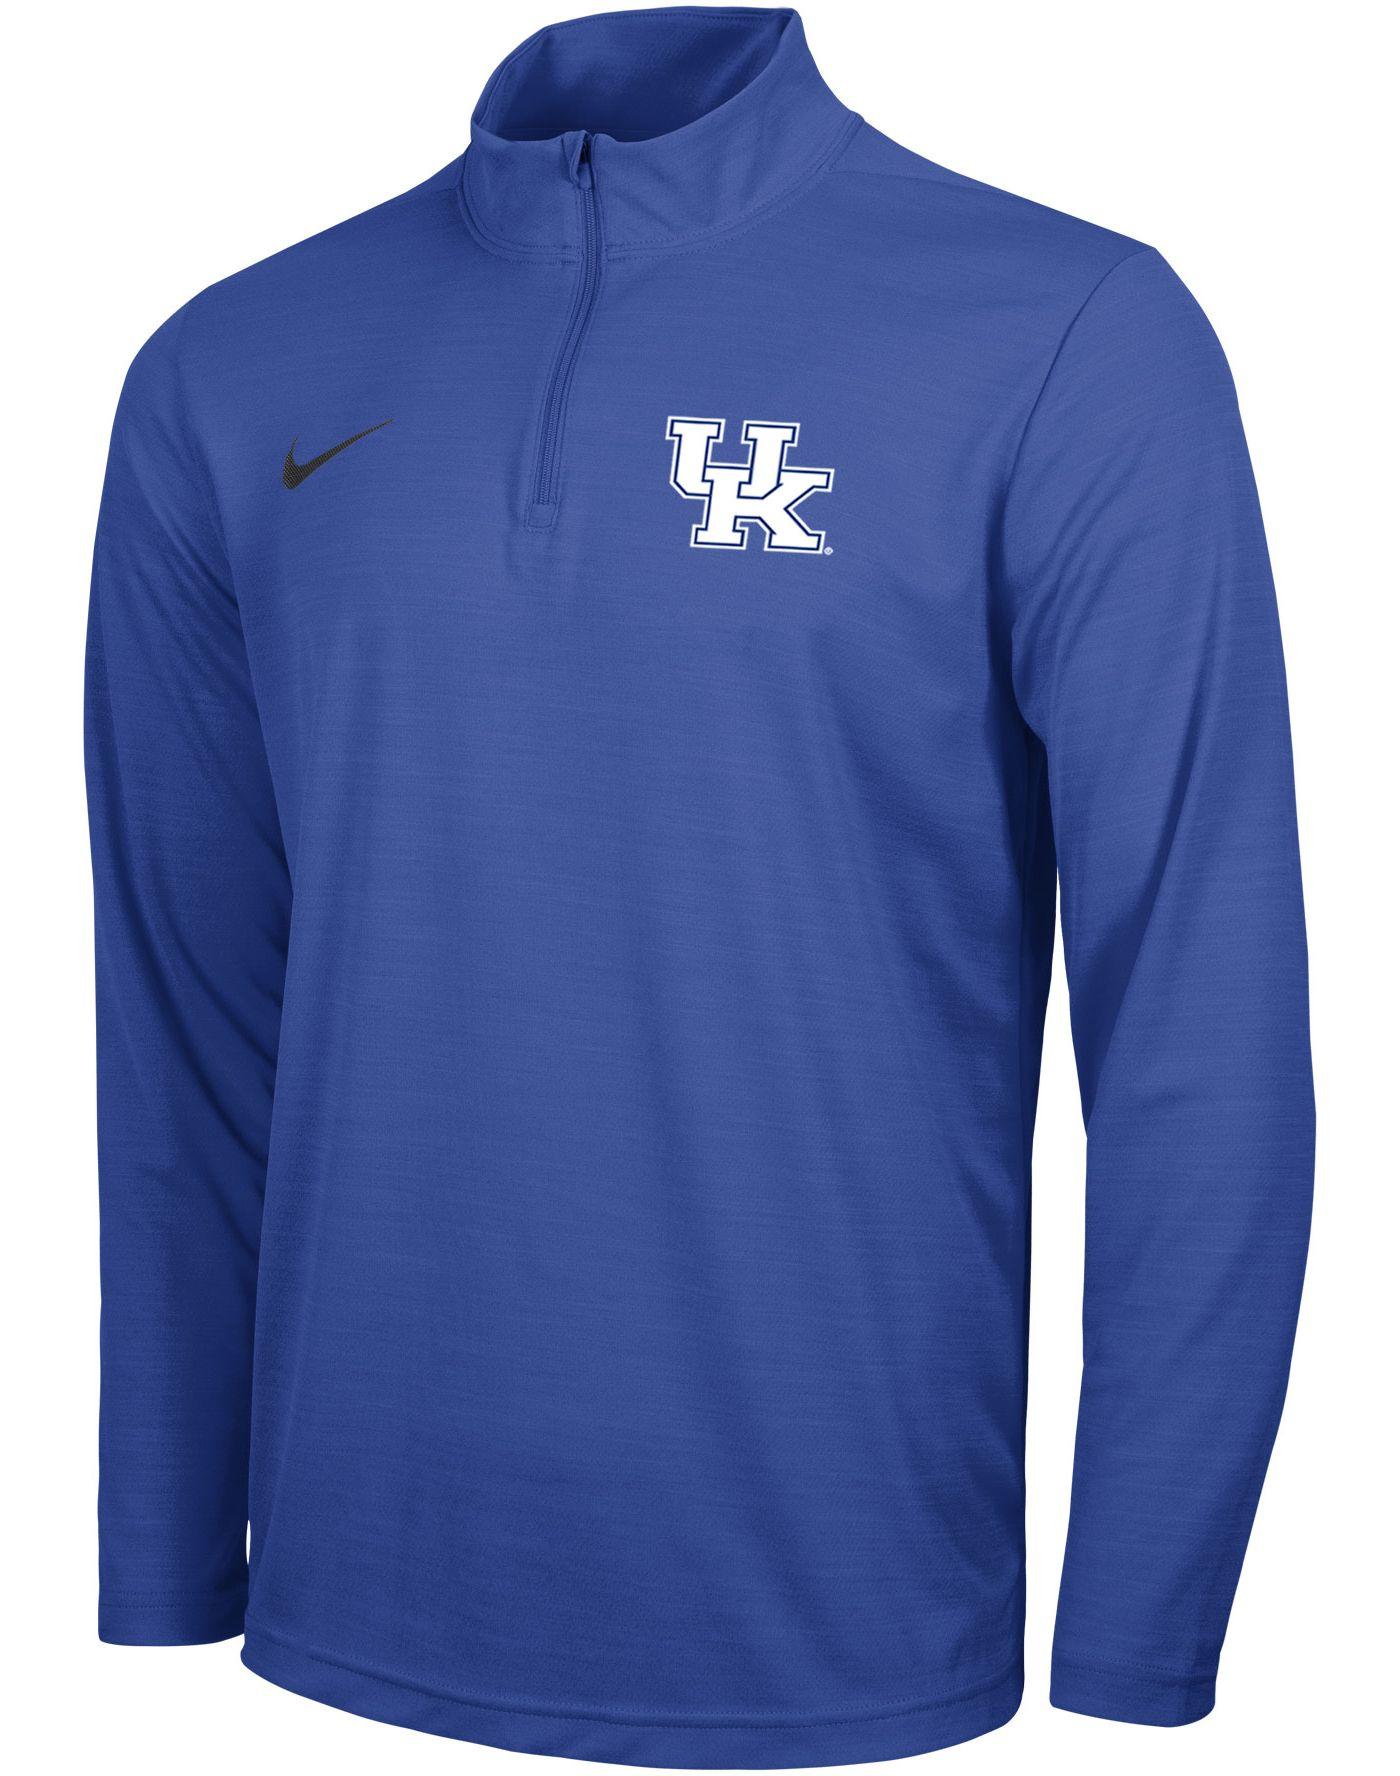 Nike Men's Kentucky Wildcats Blue Intensity Quarter-Zip Shirt